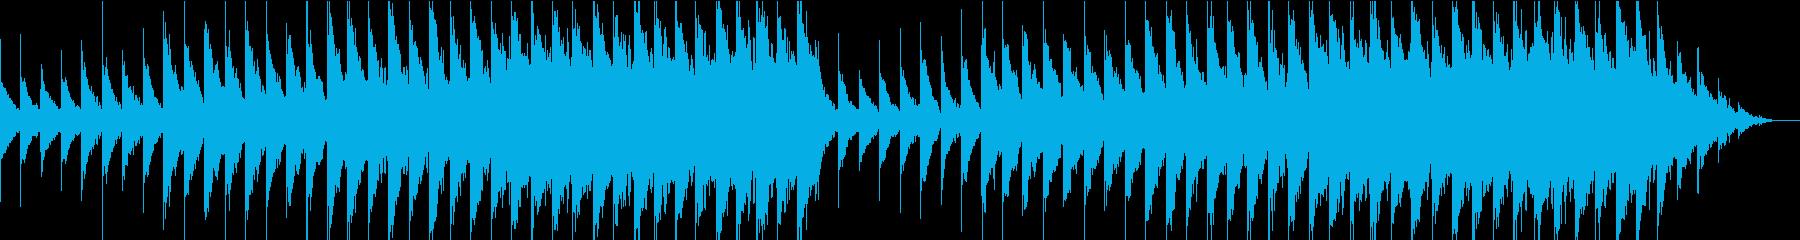 チル/ヒーリング:ギターと瞑想空間の再生済みの波形